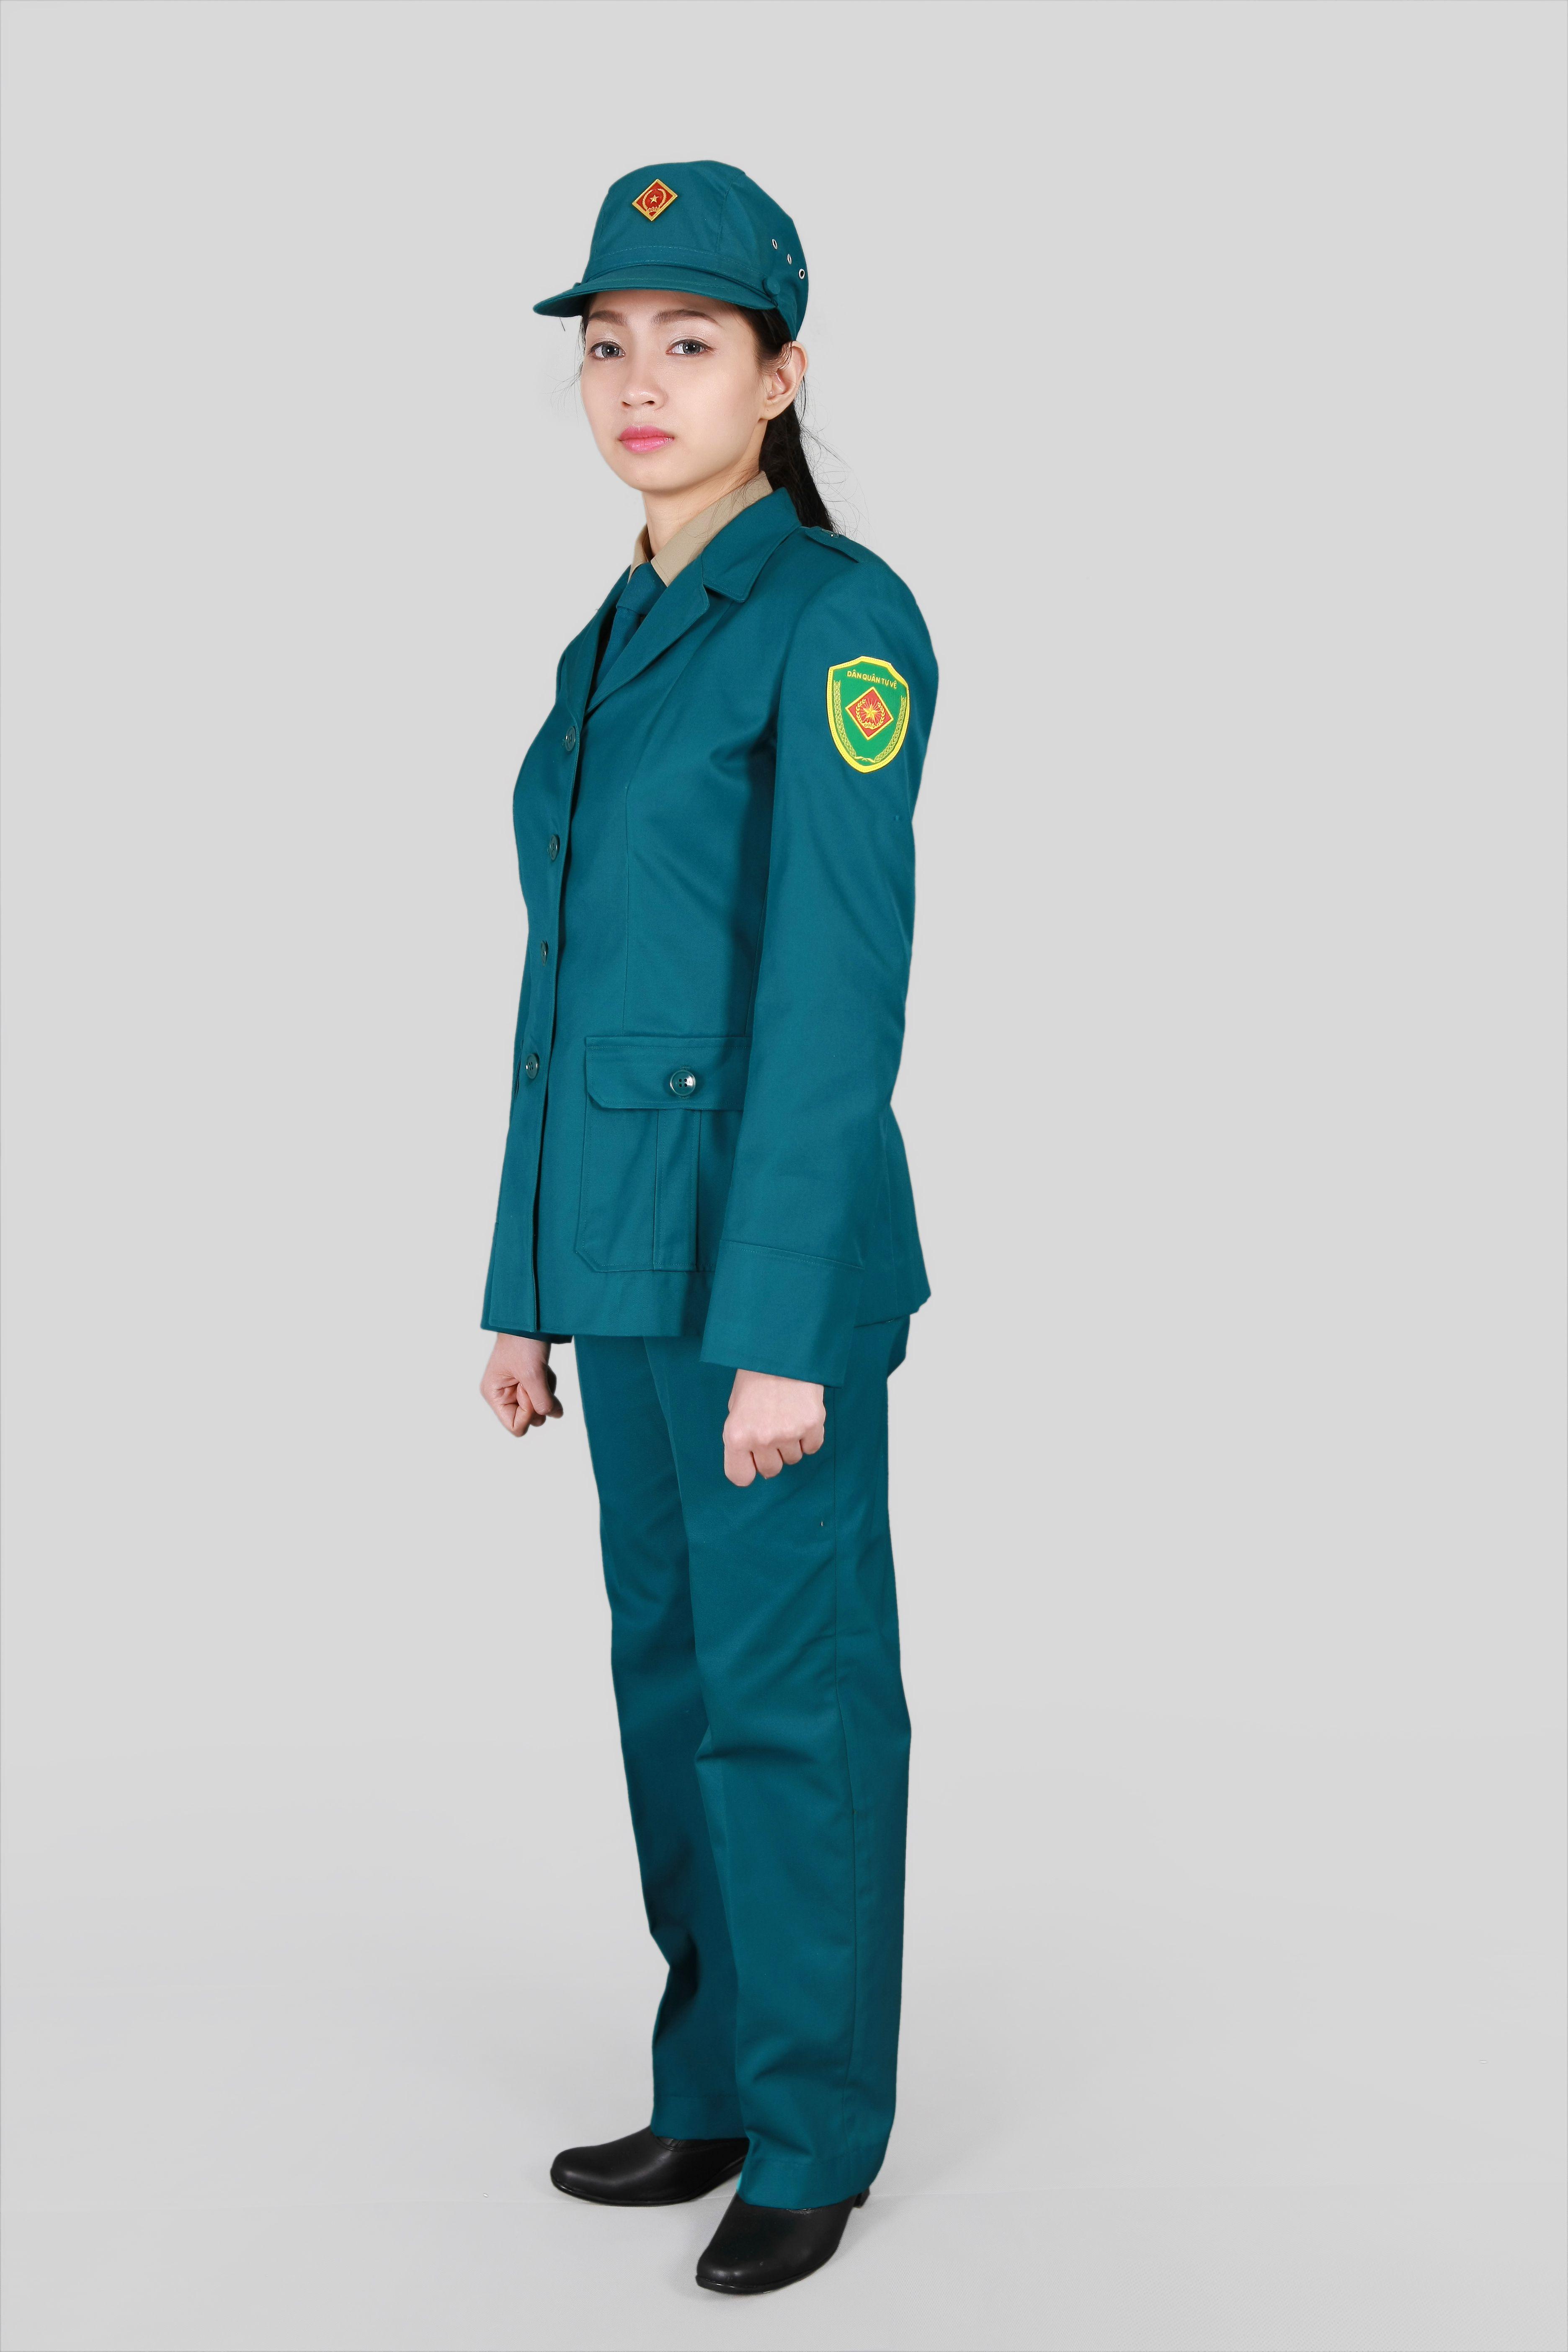 Mẫu đồng phục dân quân tự vệ nữ đẹp